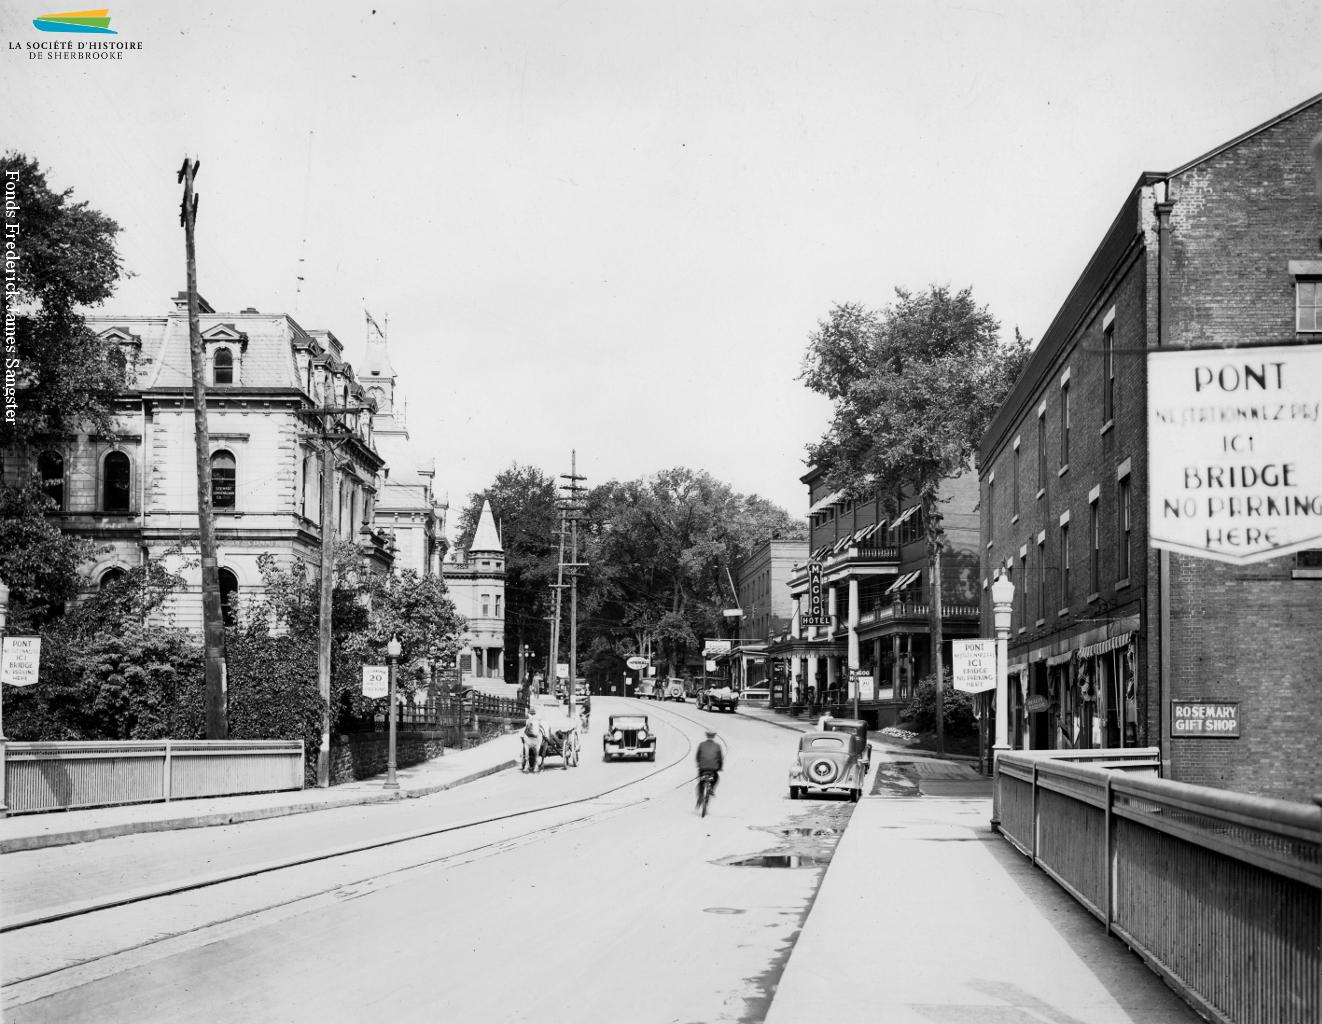 La rue Dufferin vers 1934. Les tramways ne circulent plus depuis deux ans, mais il faut attendre 1936 pour que les rails soient finalement enlevés. Et malgré la multiplication des automobiles, certains se déplacent encore en fiacres tirés par des chevaux...